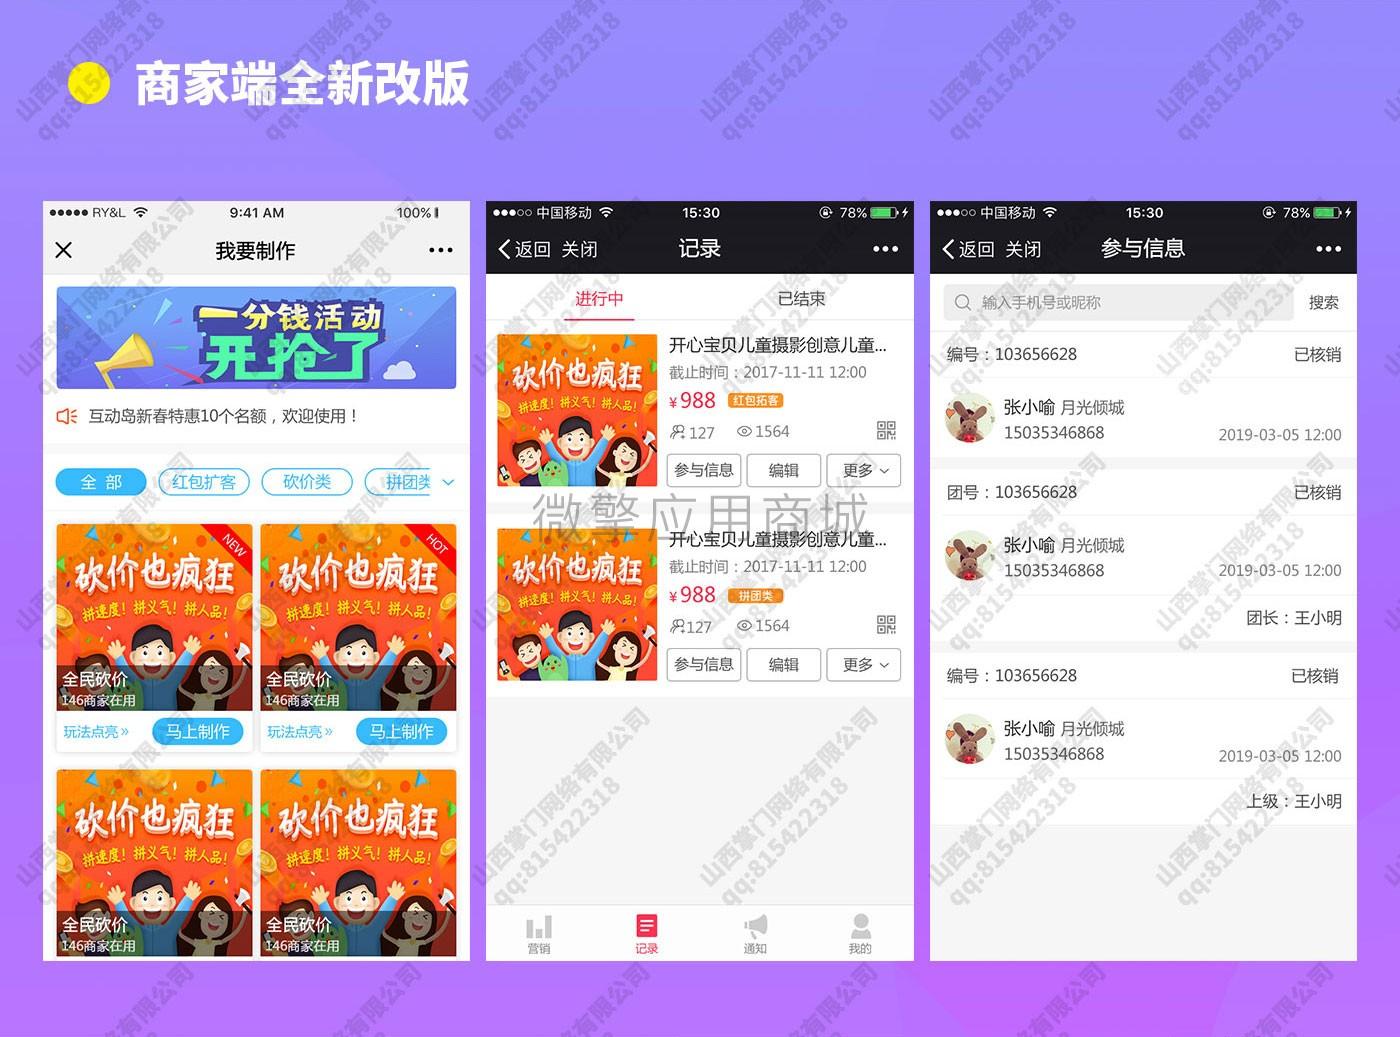 wq模块红包拓客生意宝2.0.9安装更新一体包-渔枫源码分享网